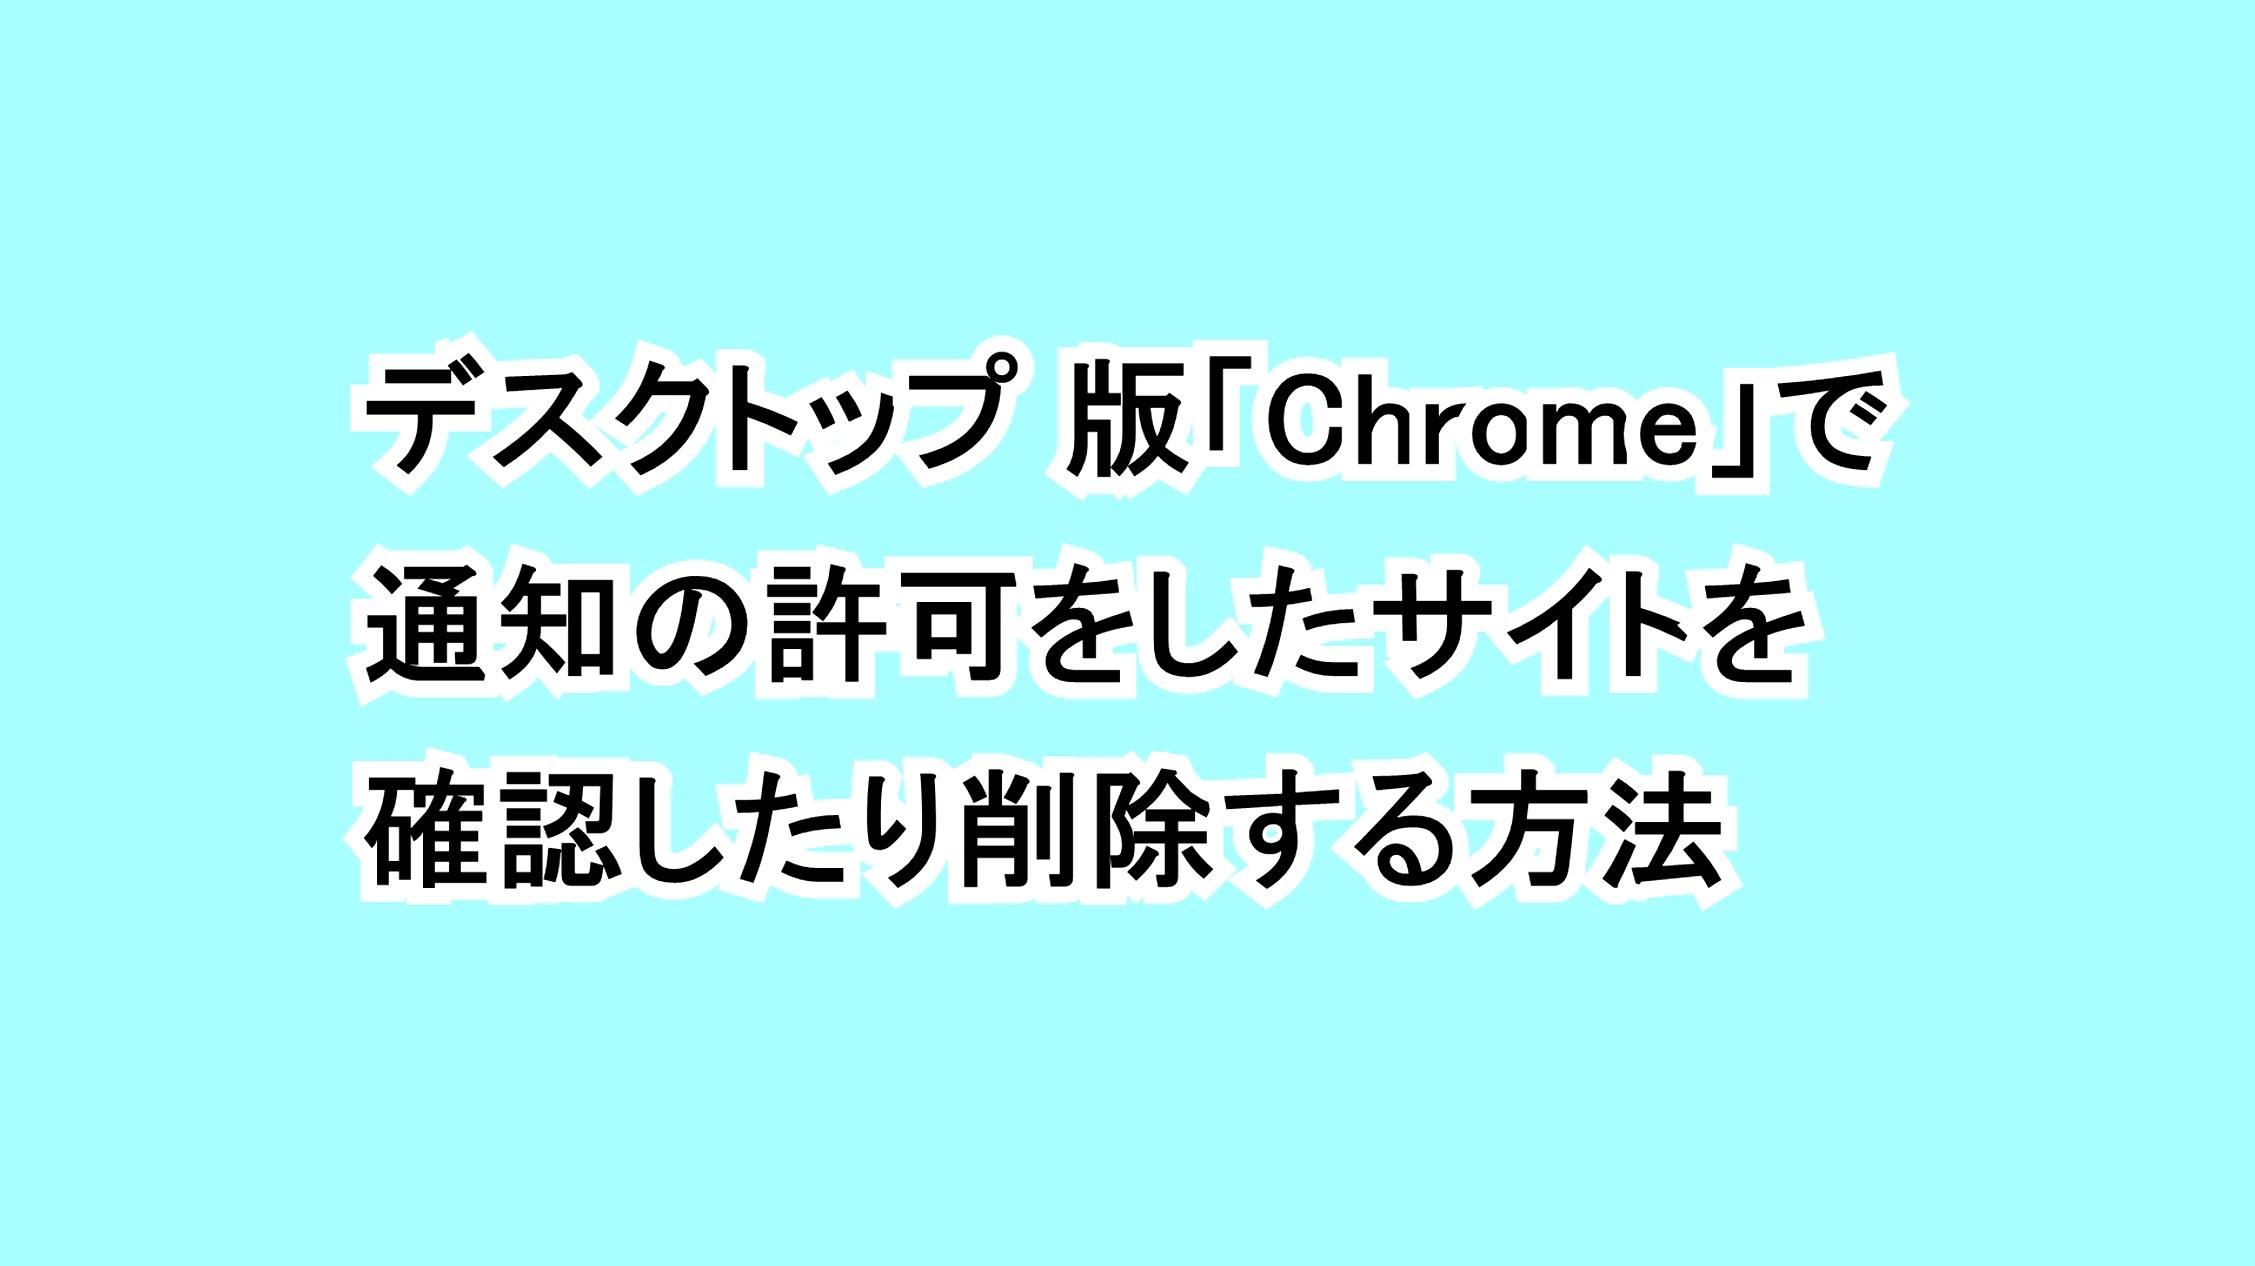 デスクトップ 版「Chrome」で通知の許可をしたサイトを確認したり削除する方法